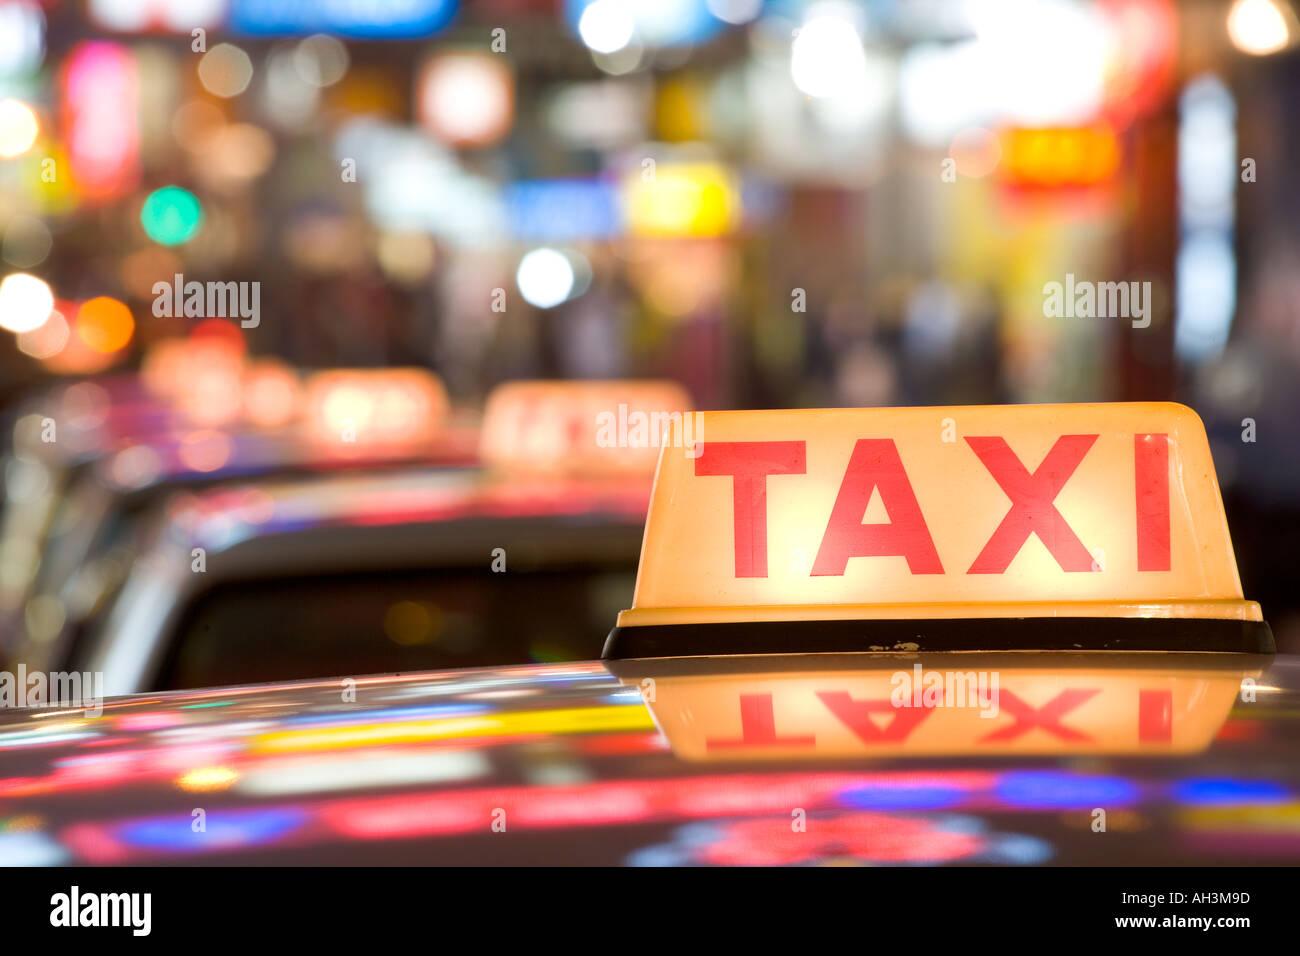 Stationary taxis Hong Kong China - Stock Image